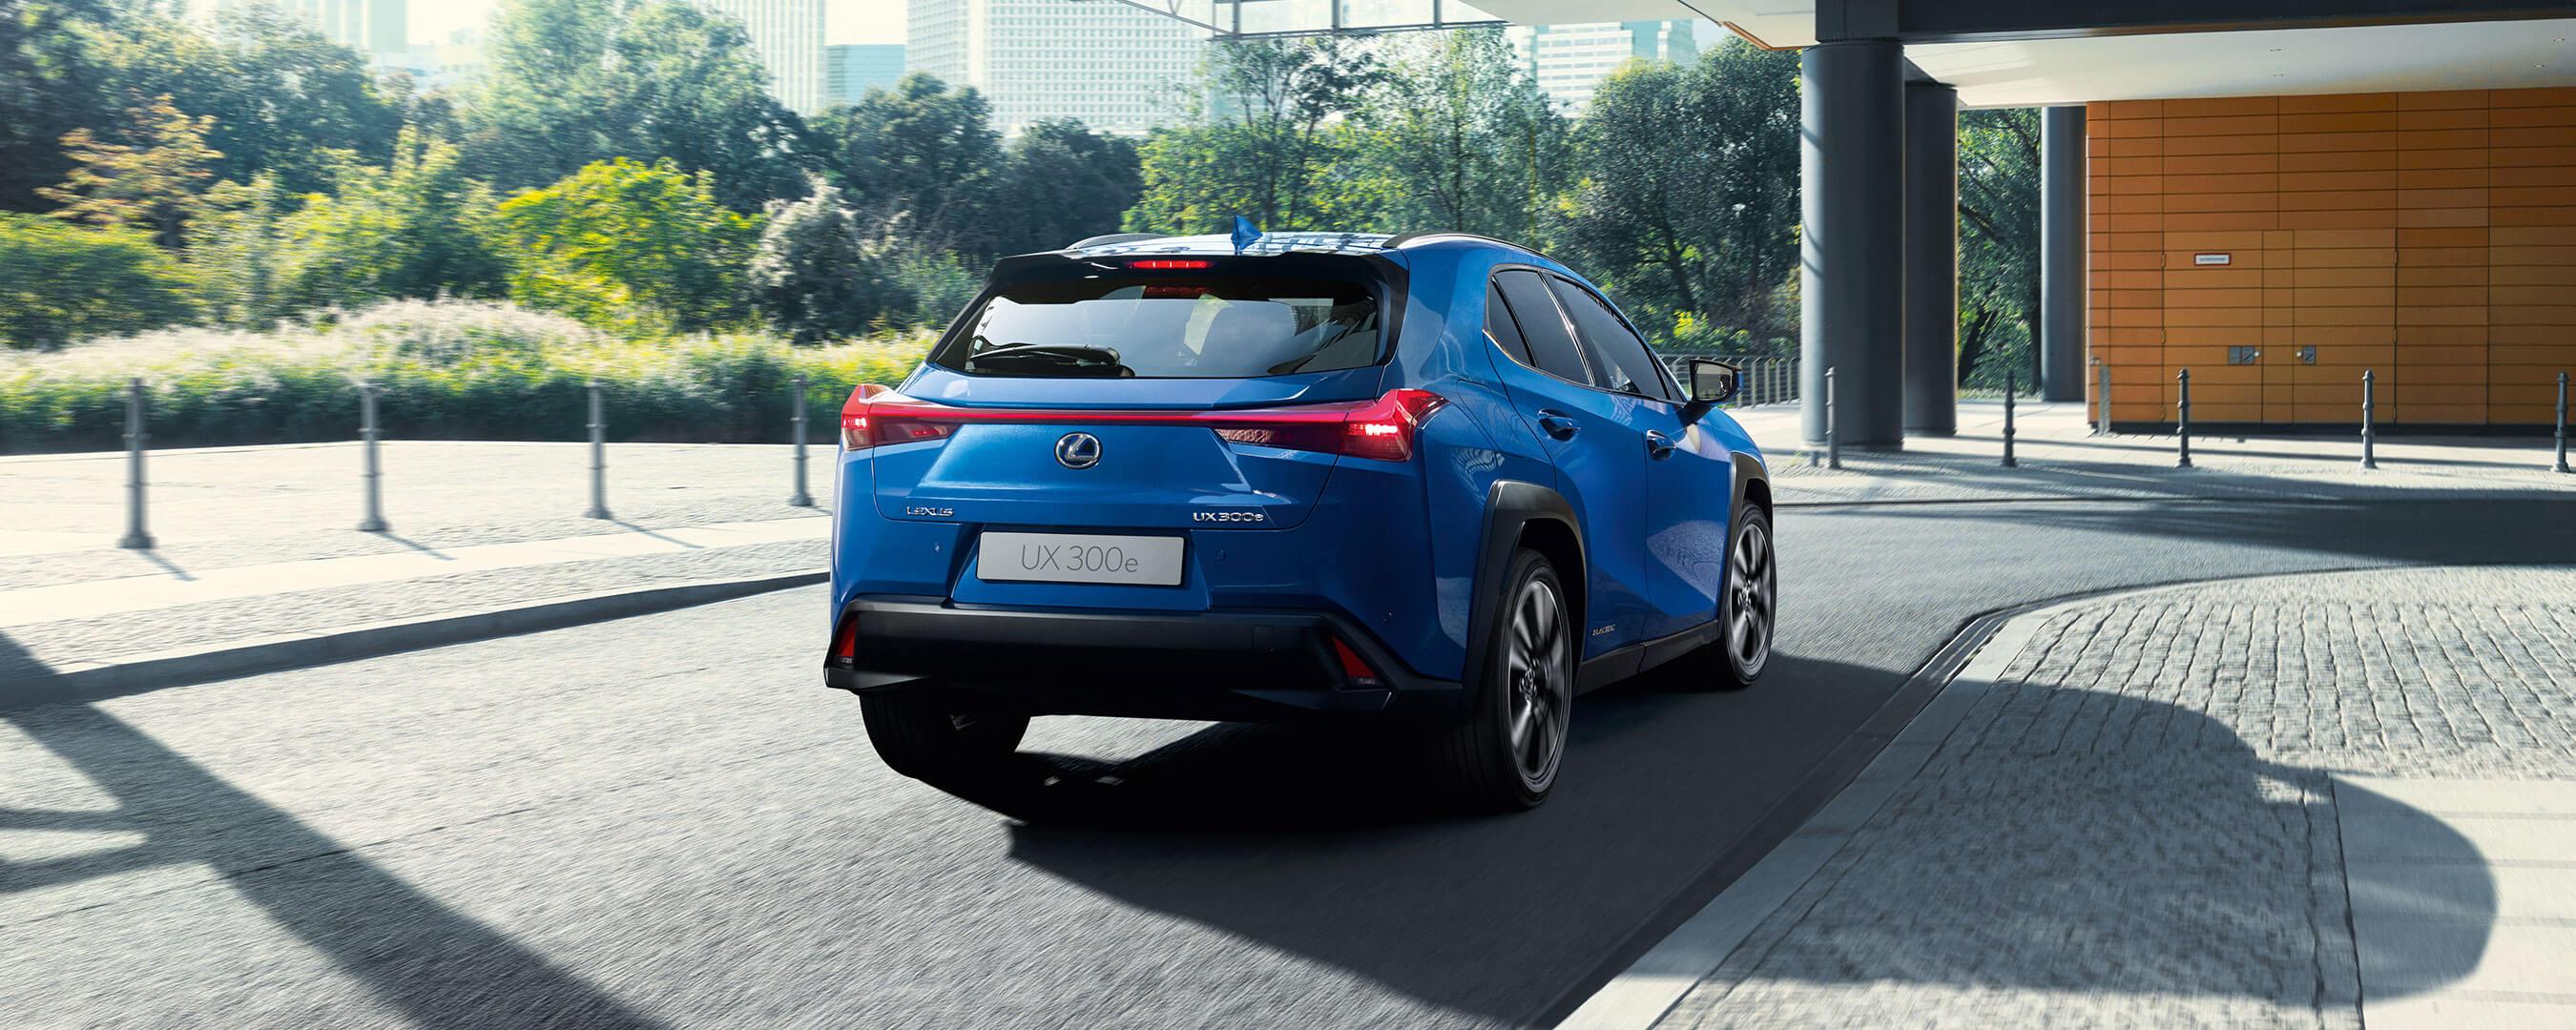 2021 lexus ux 300e experience exterior rear